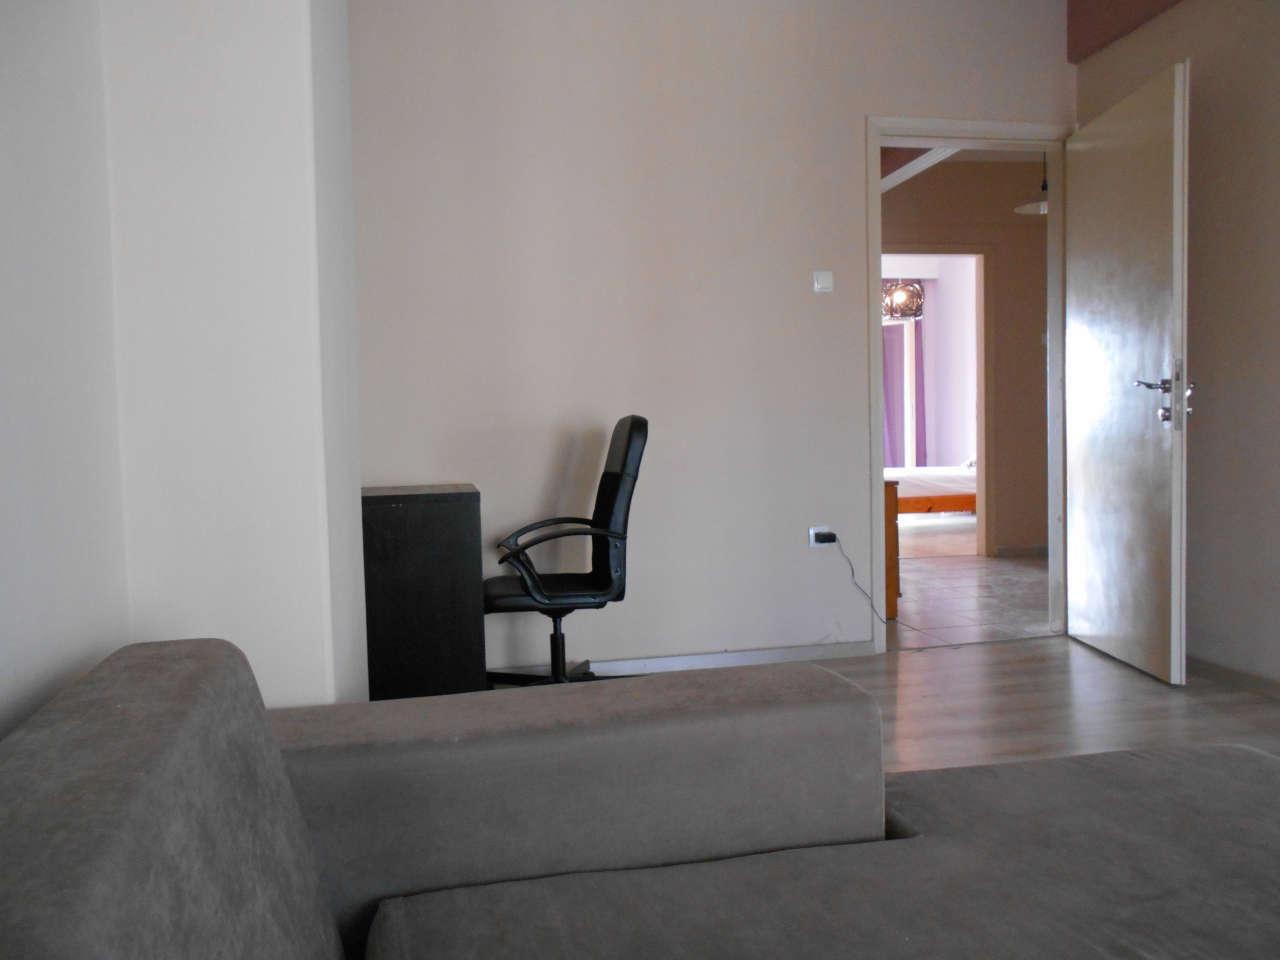 Διαθέρισμα AirBnB δίπλα στο κέντρο της Θεσσαλονίκης - Μικρό Δωμάτιο